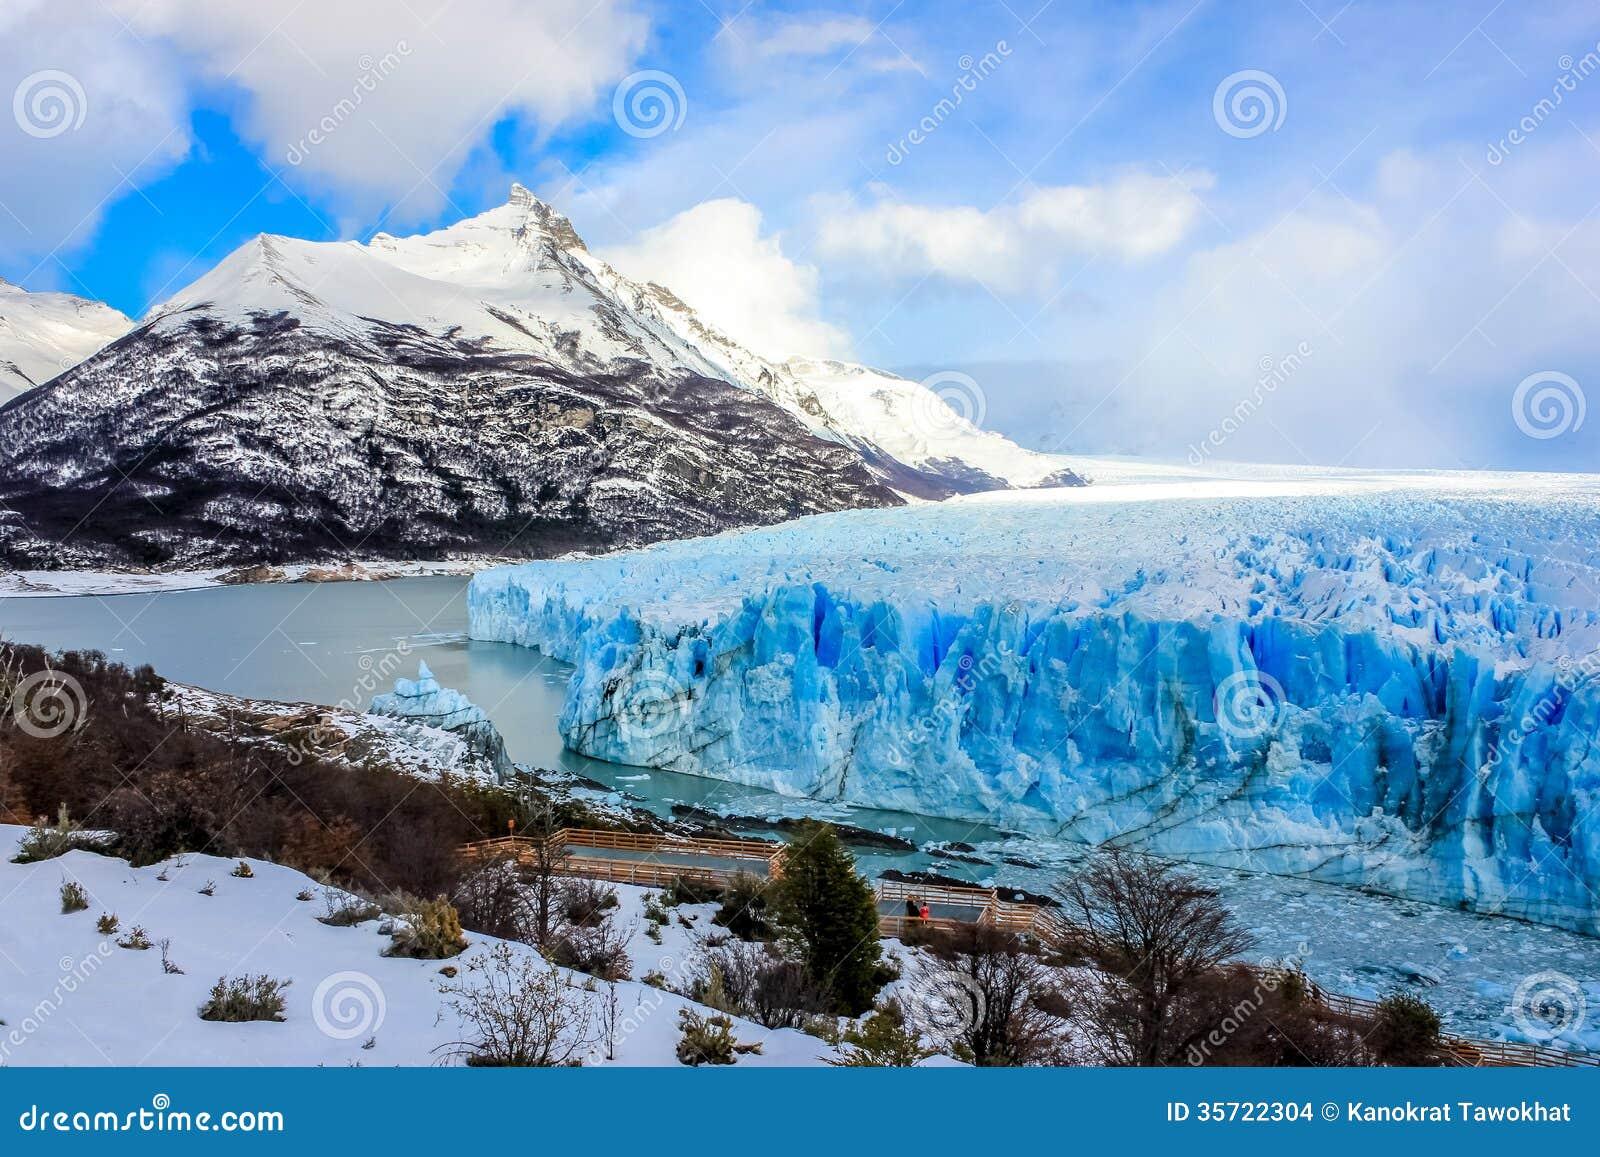 佩里托莫雷诺冰川,埃尔卡拉法特,巴塔哥尼亚,阿根廷